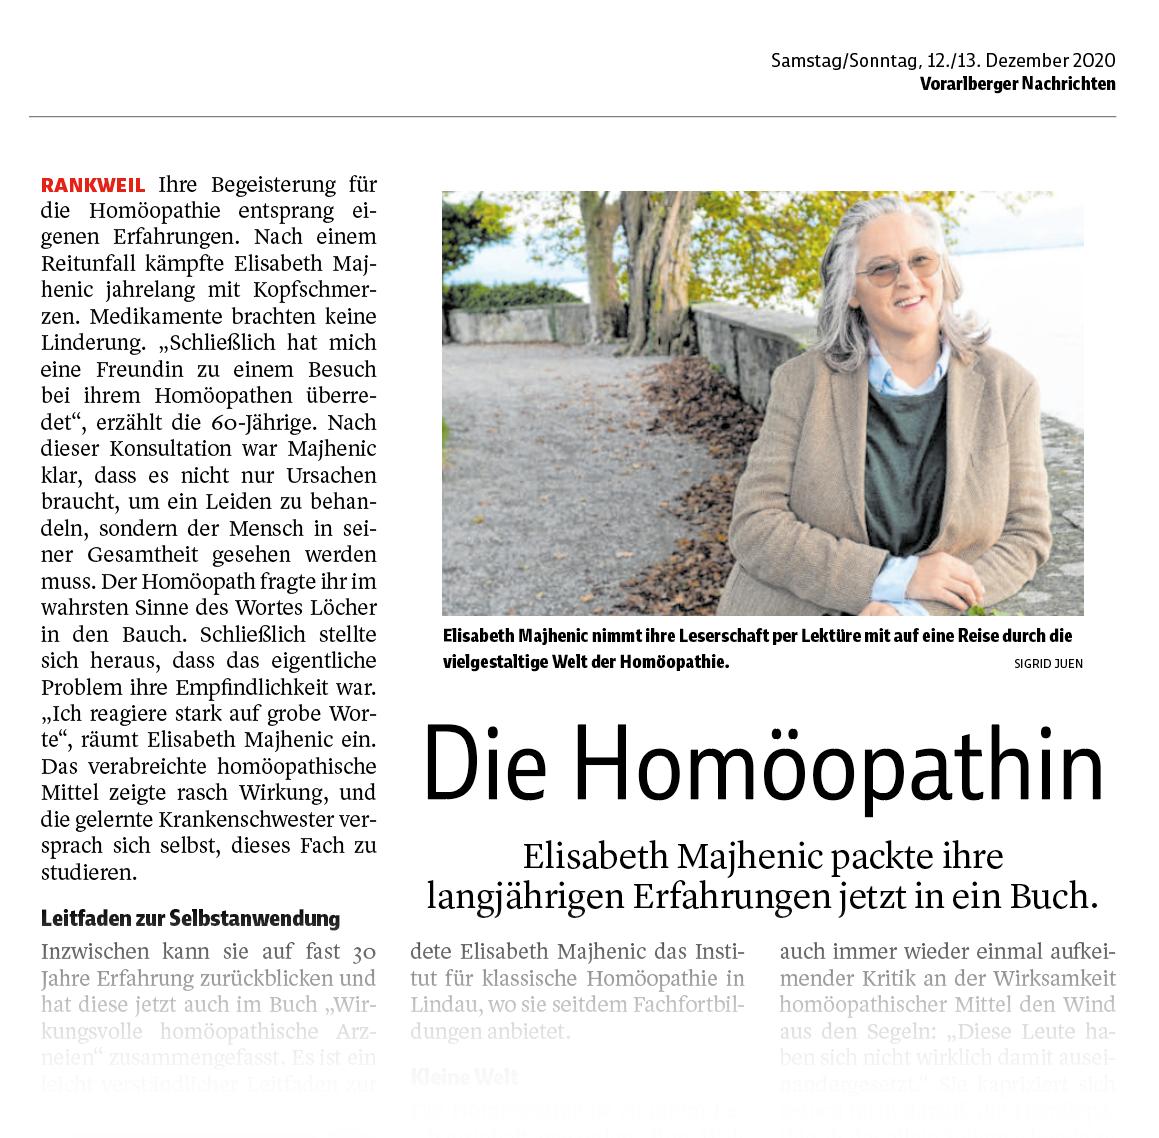 Elisabeth Majhenic packt ihre langjährige Homöopathie-Erfahrung jetzt in ein Buch.